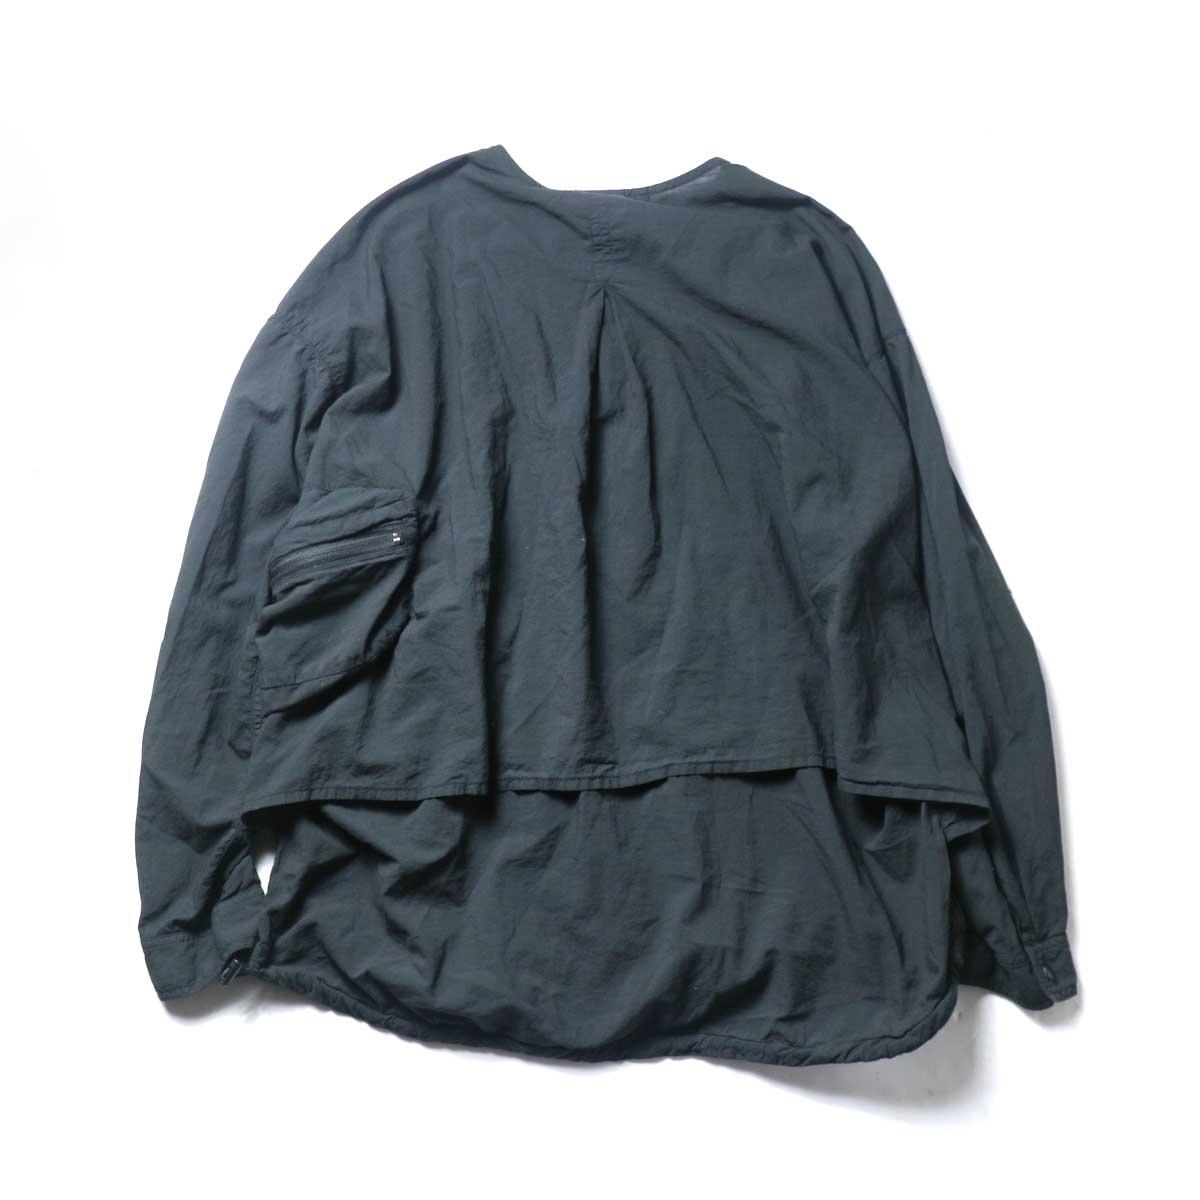 REMI RELIEF / ナチュラルコットンポケッタブルノーカラーSH (Black)背面